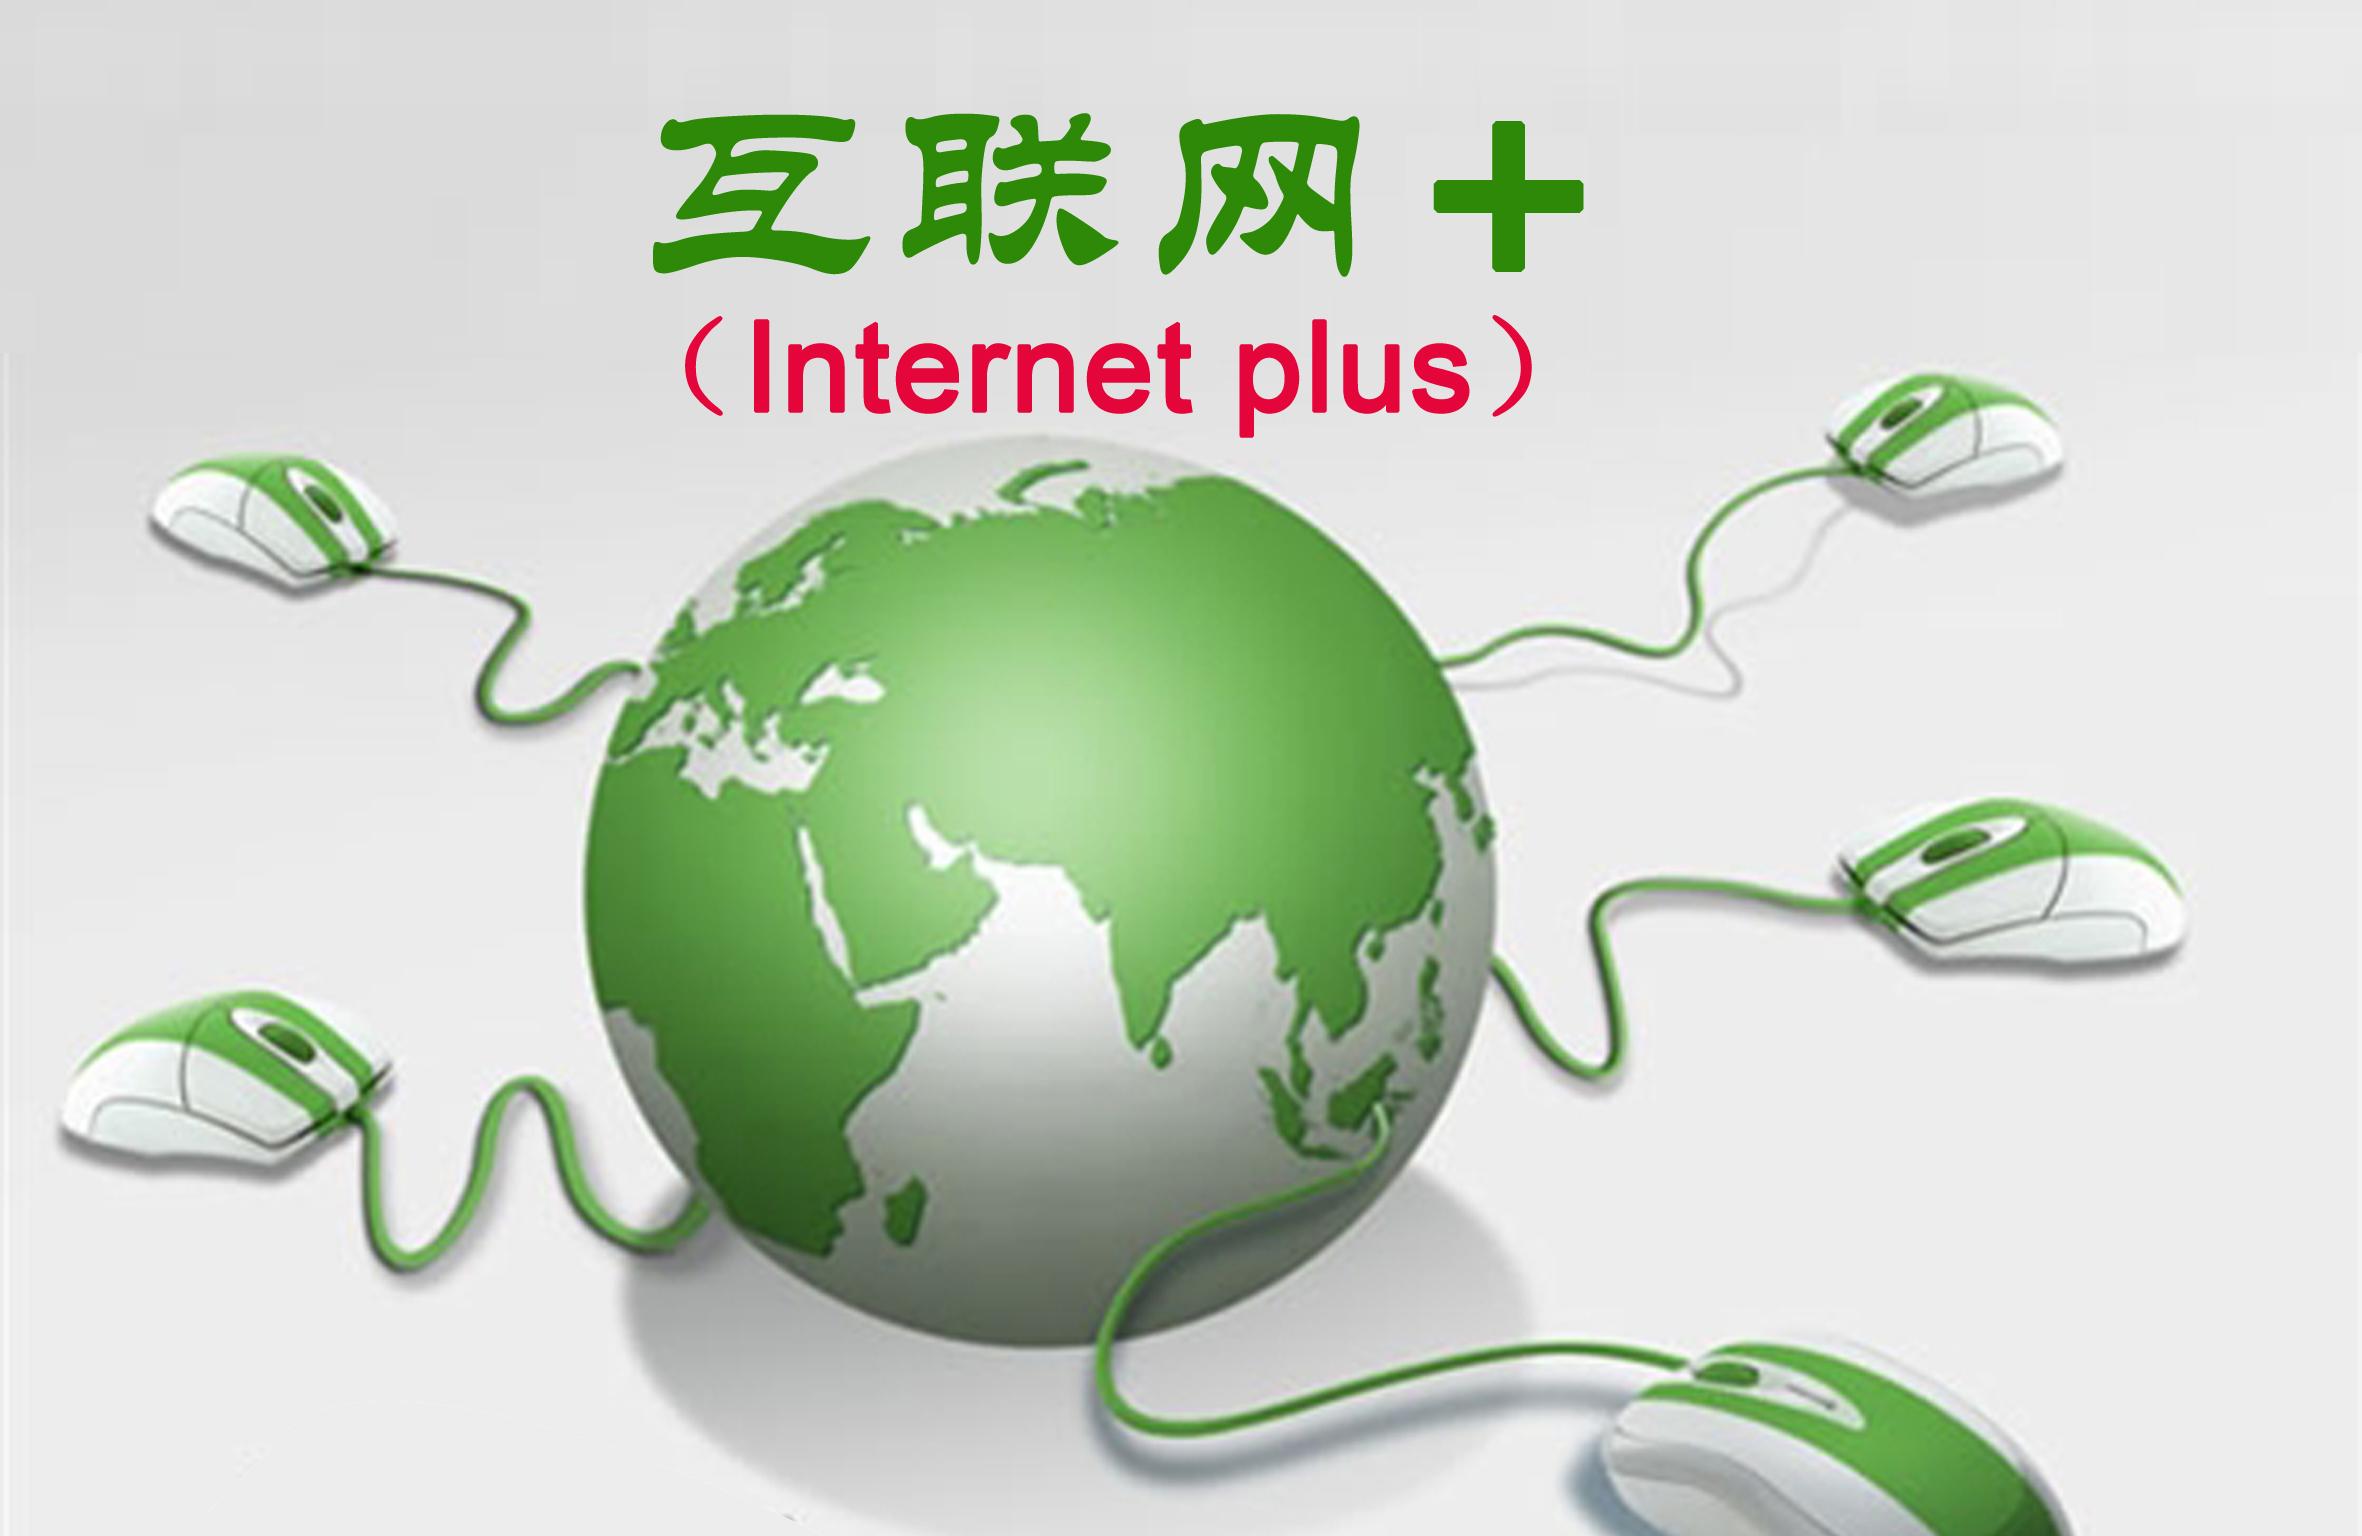 互联网 农业;互联网 地产;互联网 交通;互联网 餐饮;互联网 教育;互联